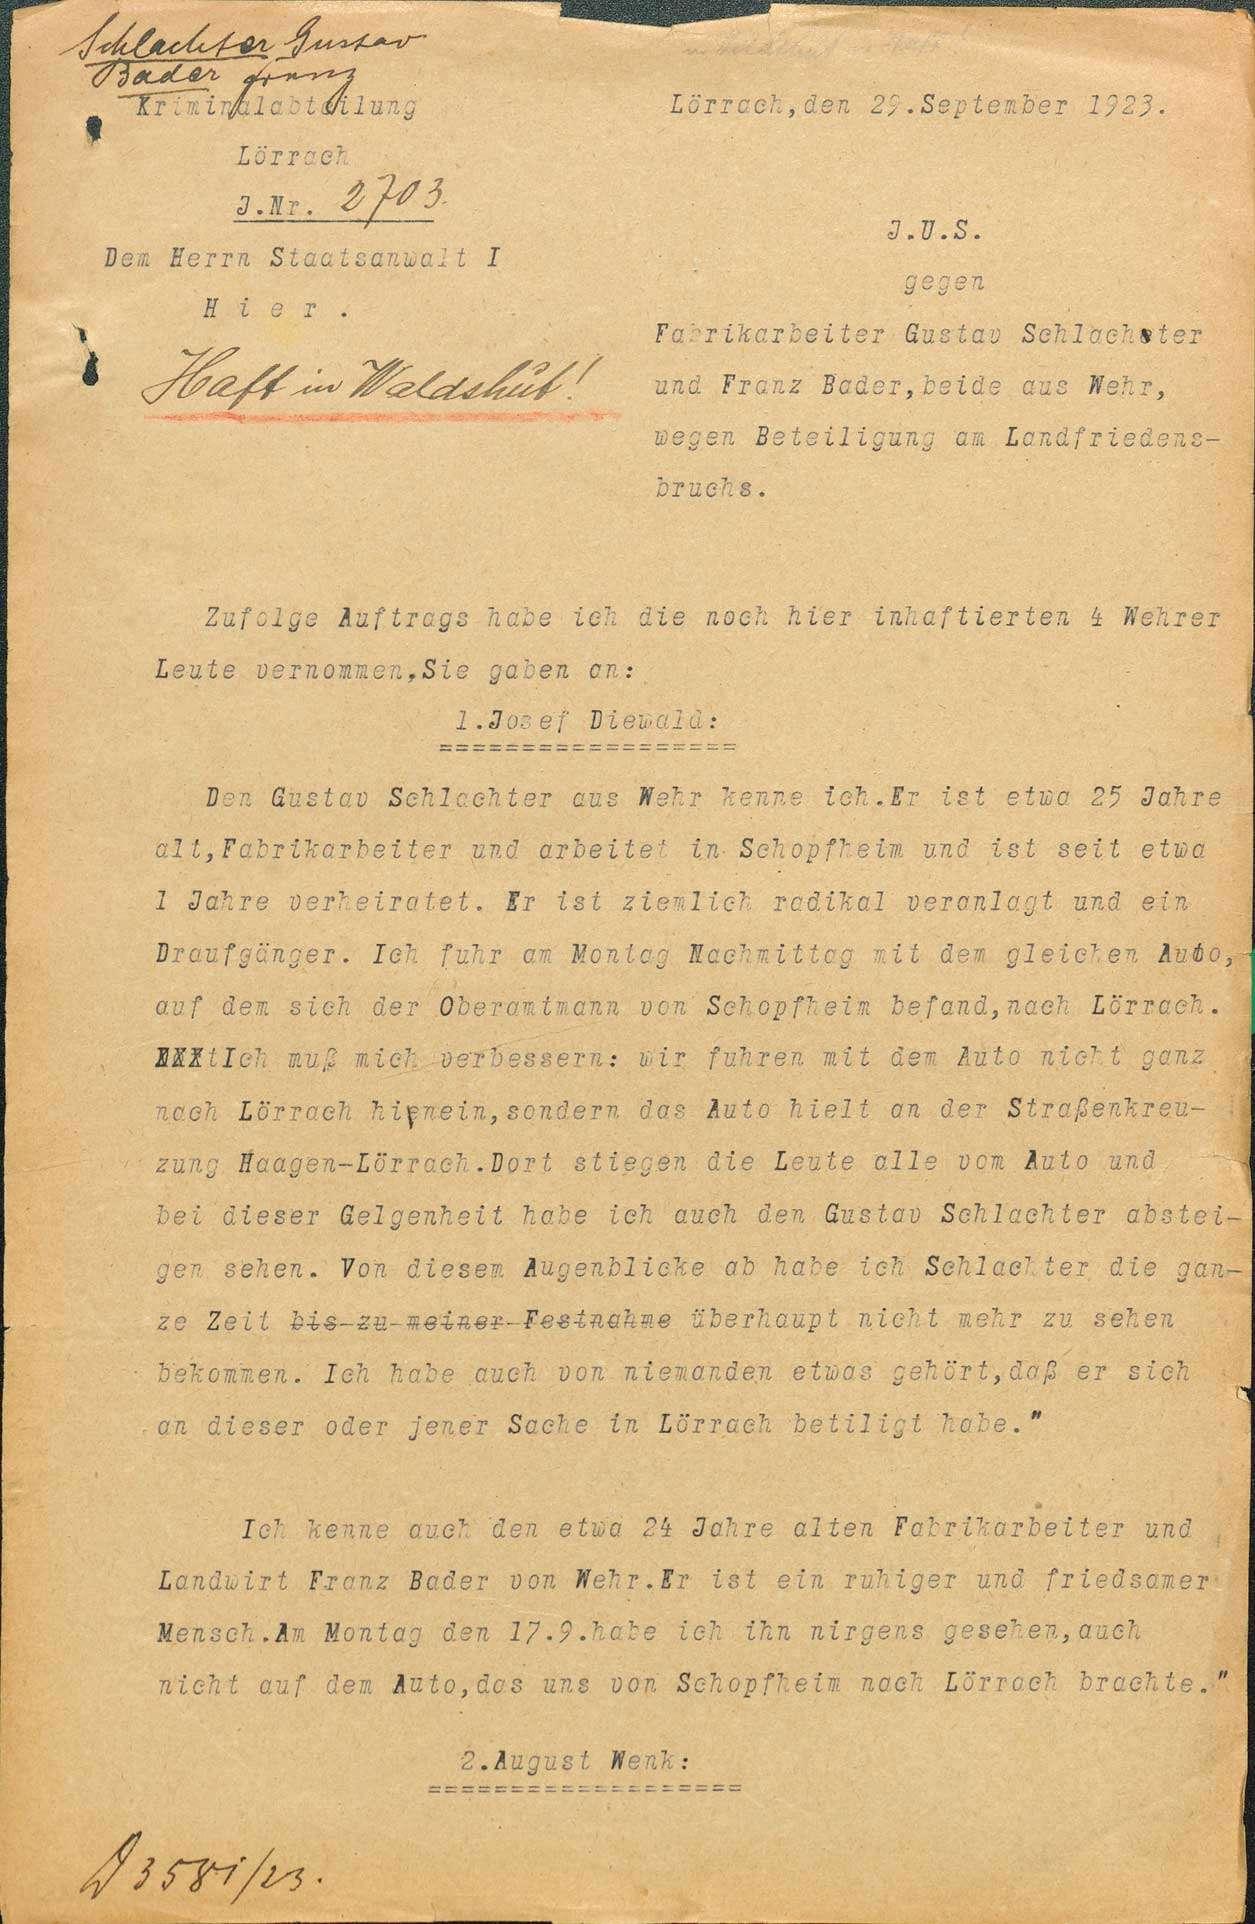 Ermittlungen gegen Gustav Schlachter, Wehr Franz Bader, Wehr wegen Landfriedensbruch (Teilnahme an den Unruhen in Lörrach, Sept. 1923, Ermittlungen eingestellt), Bild 2